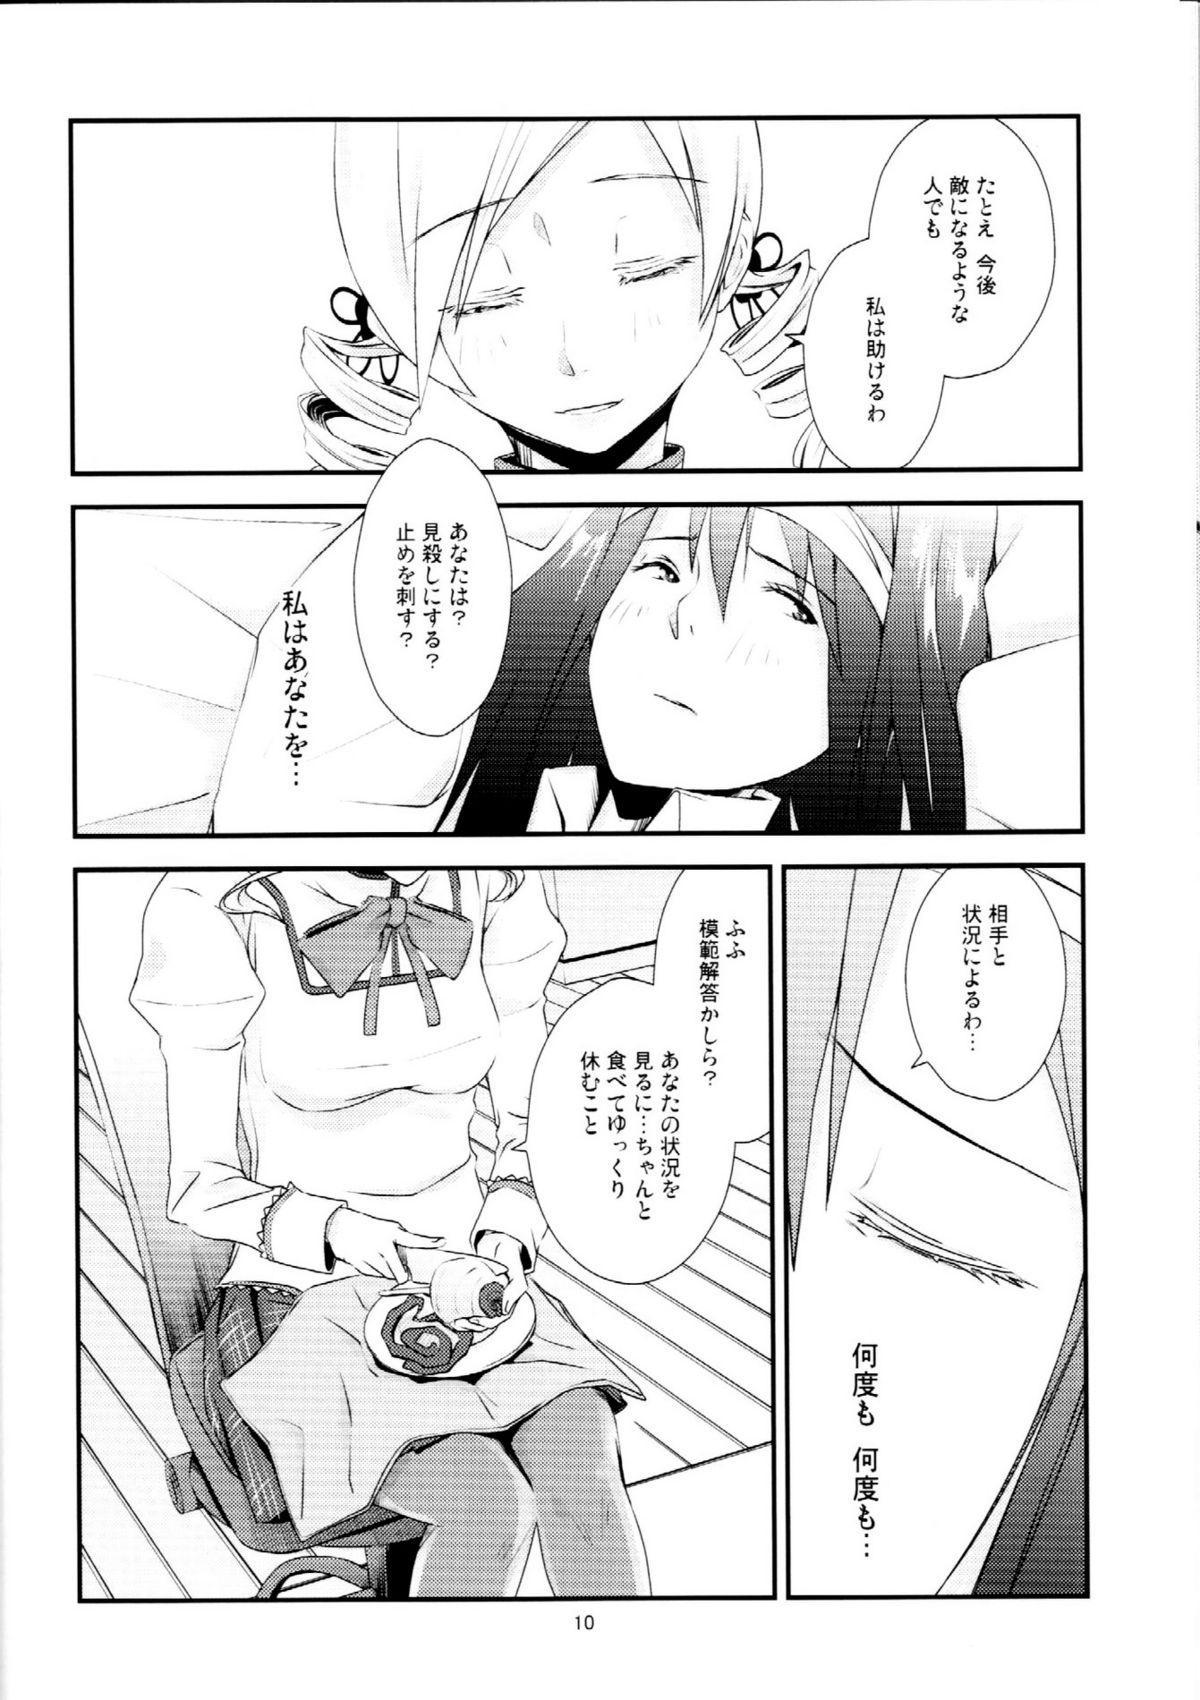 Kuroneko to Shoujo 8